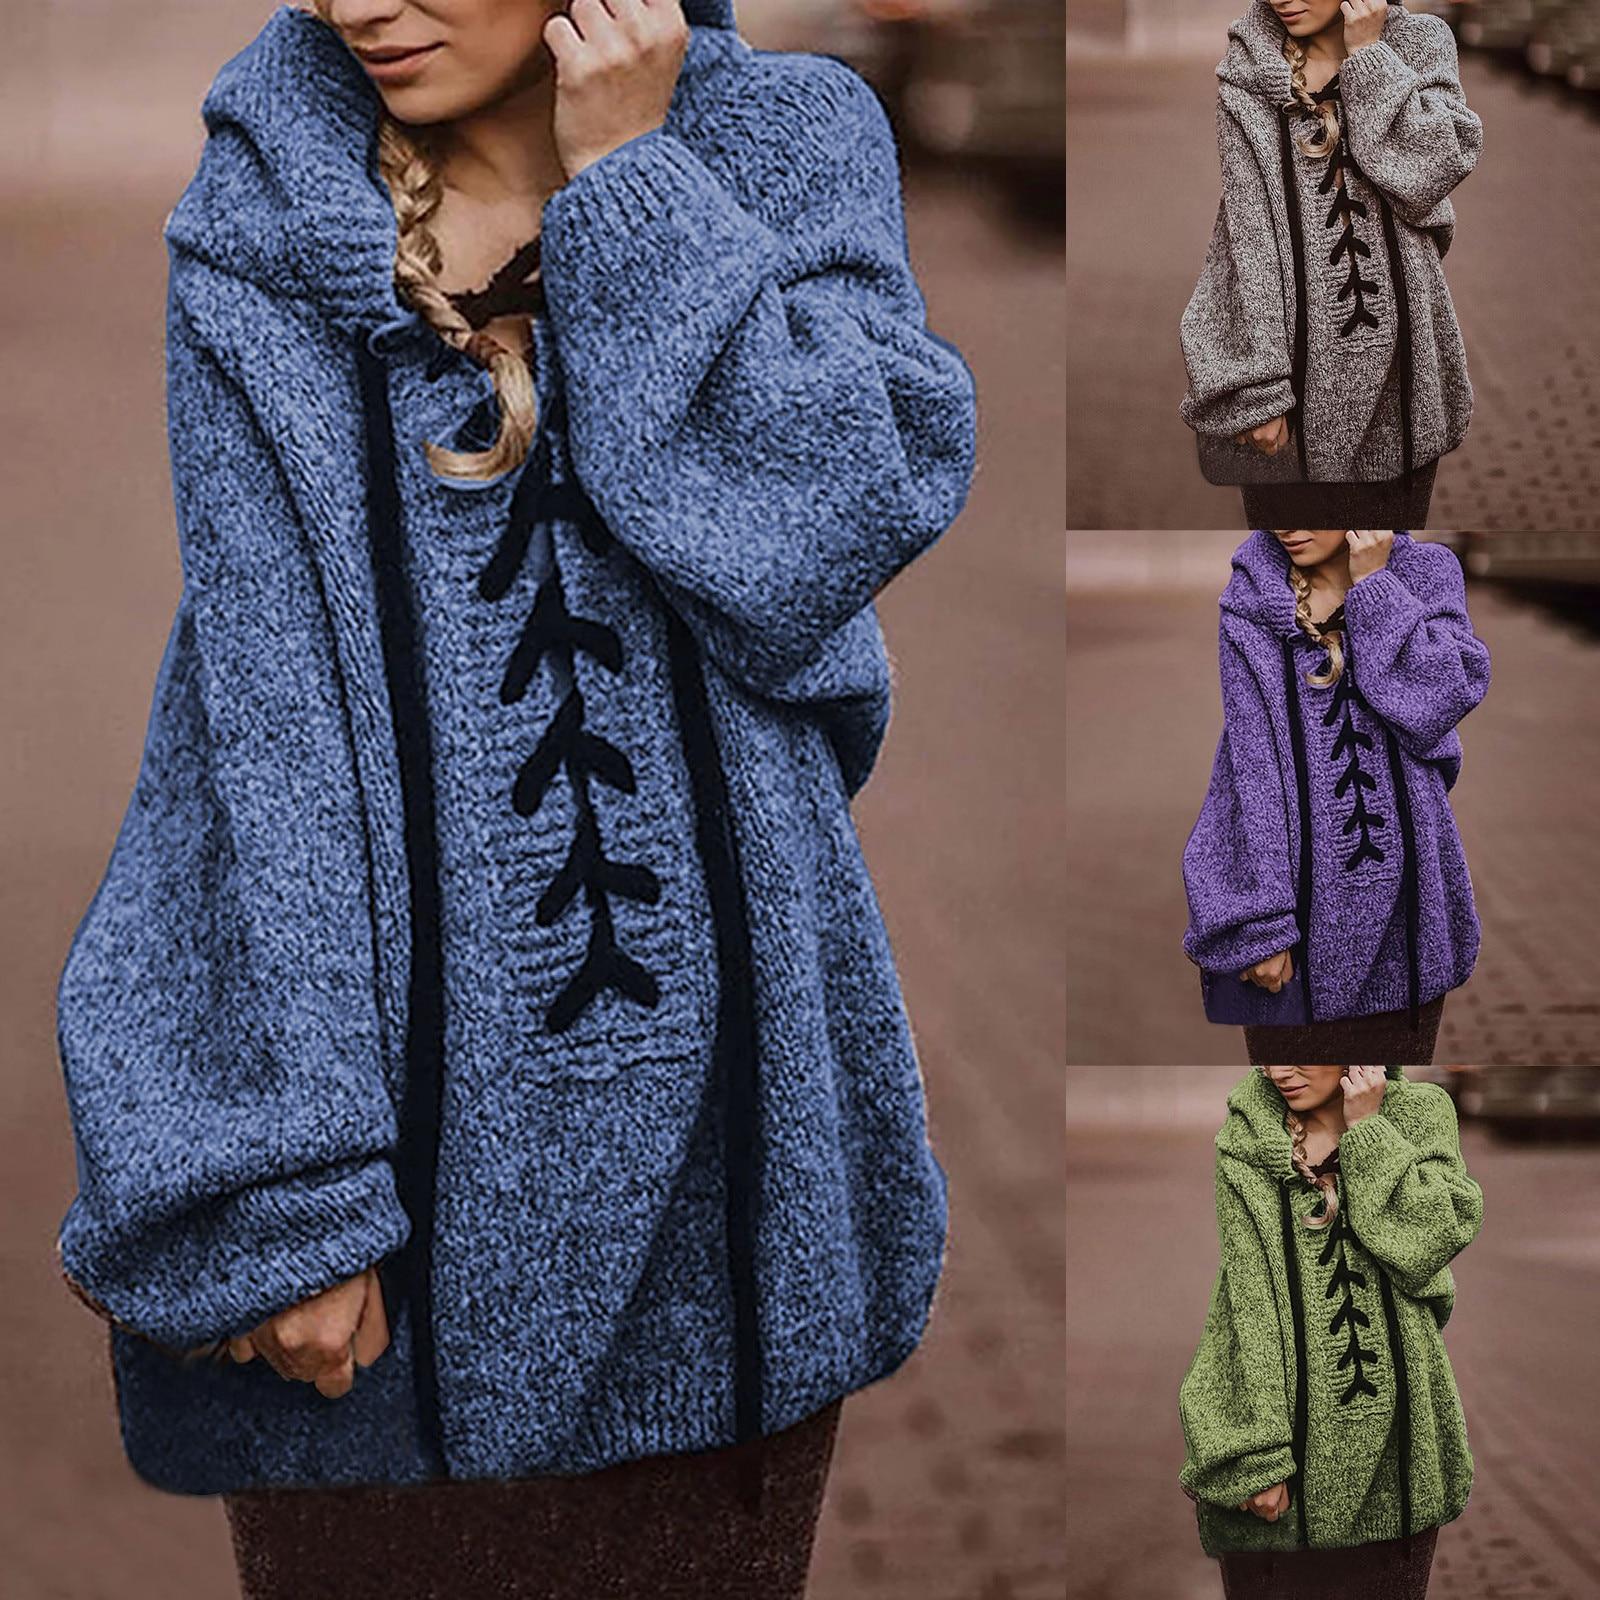 Outono inverno sexy renda hem camisola o pescoço de malha camisola solta casual nova moda magro elegante camisola plus size 5xl